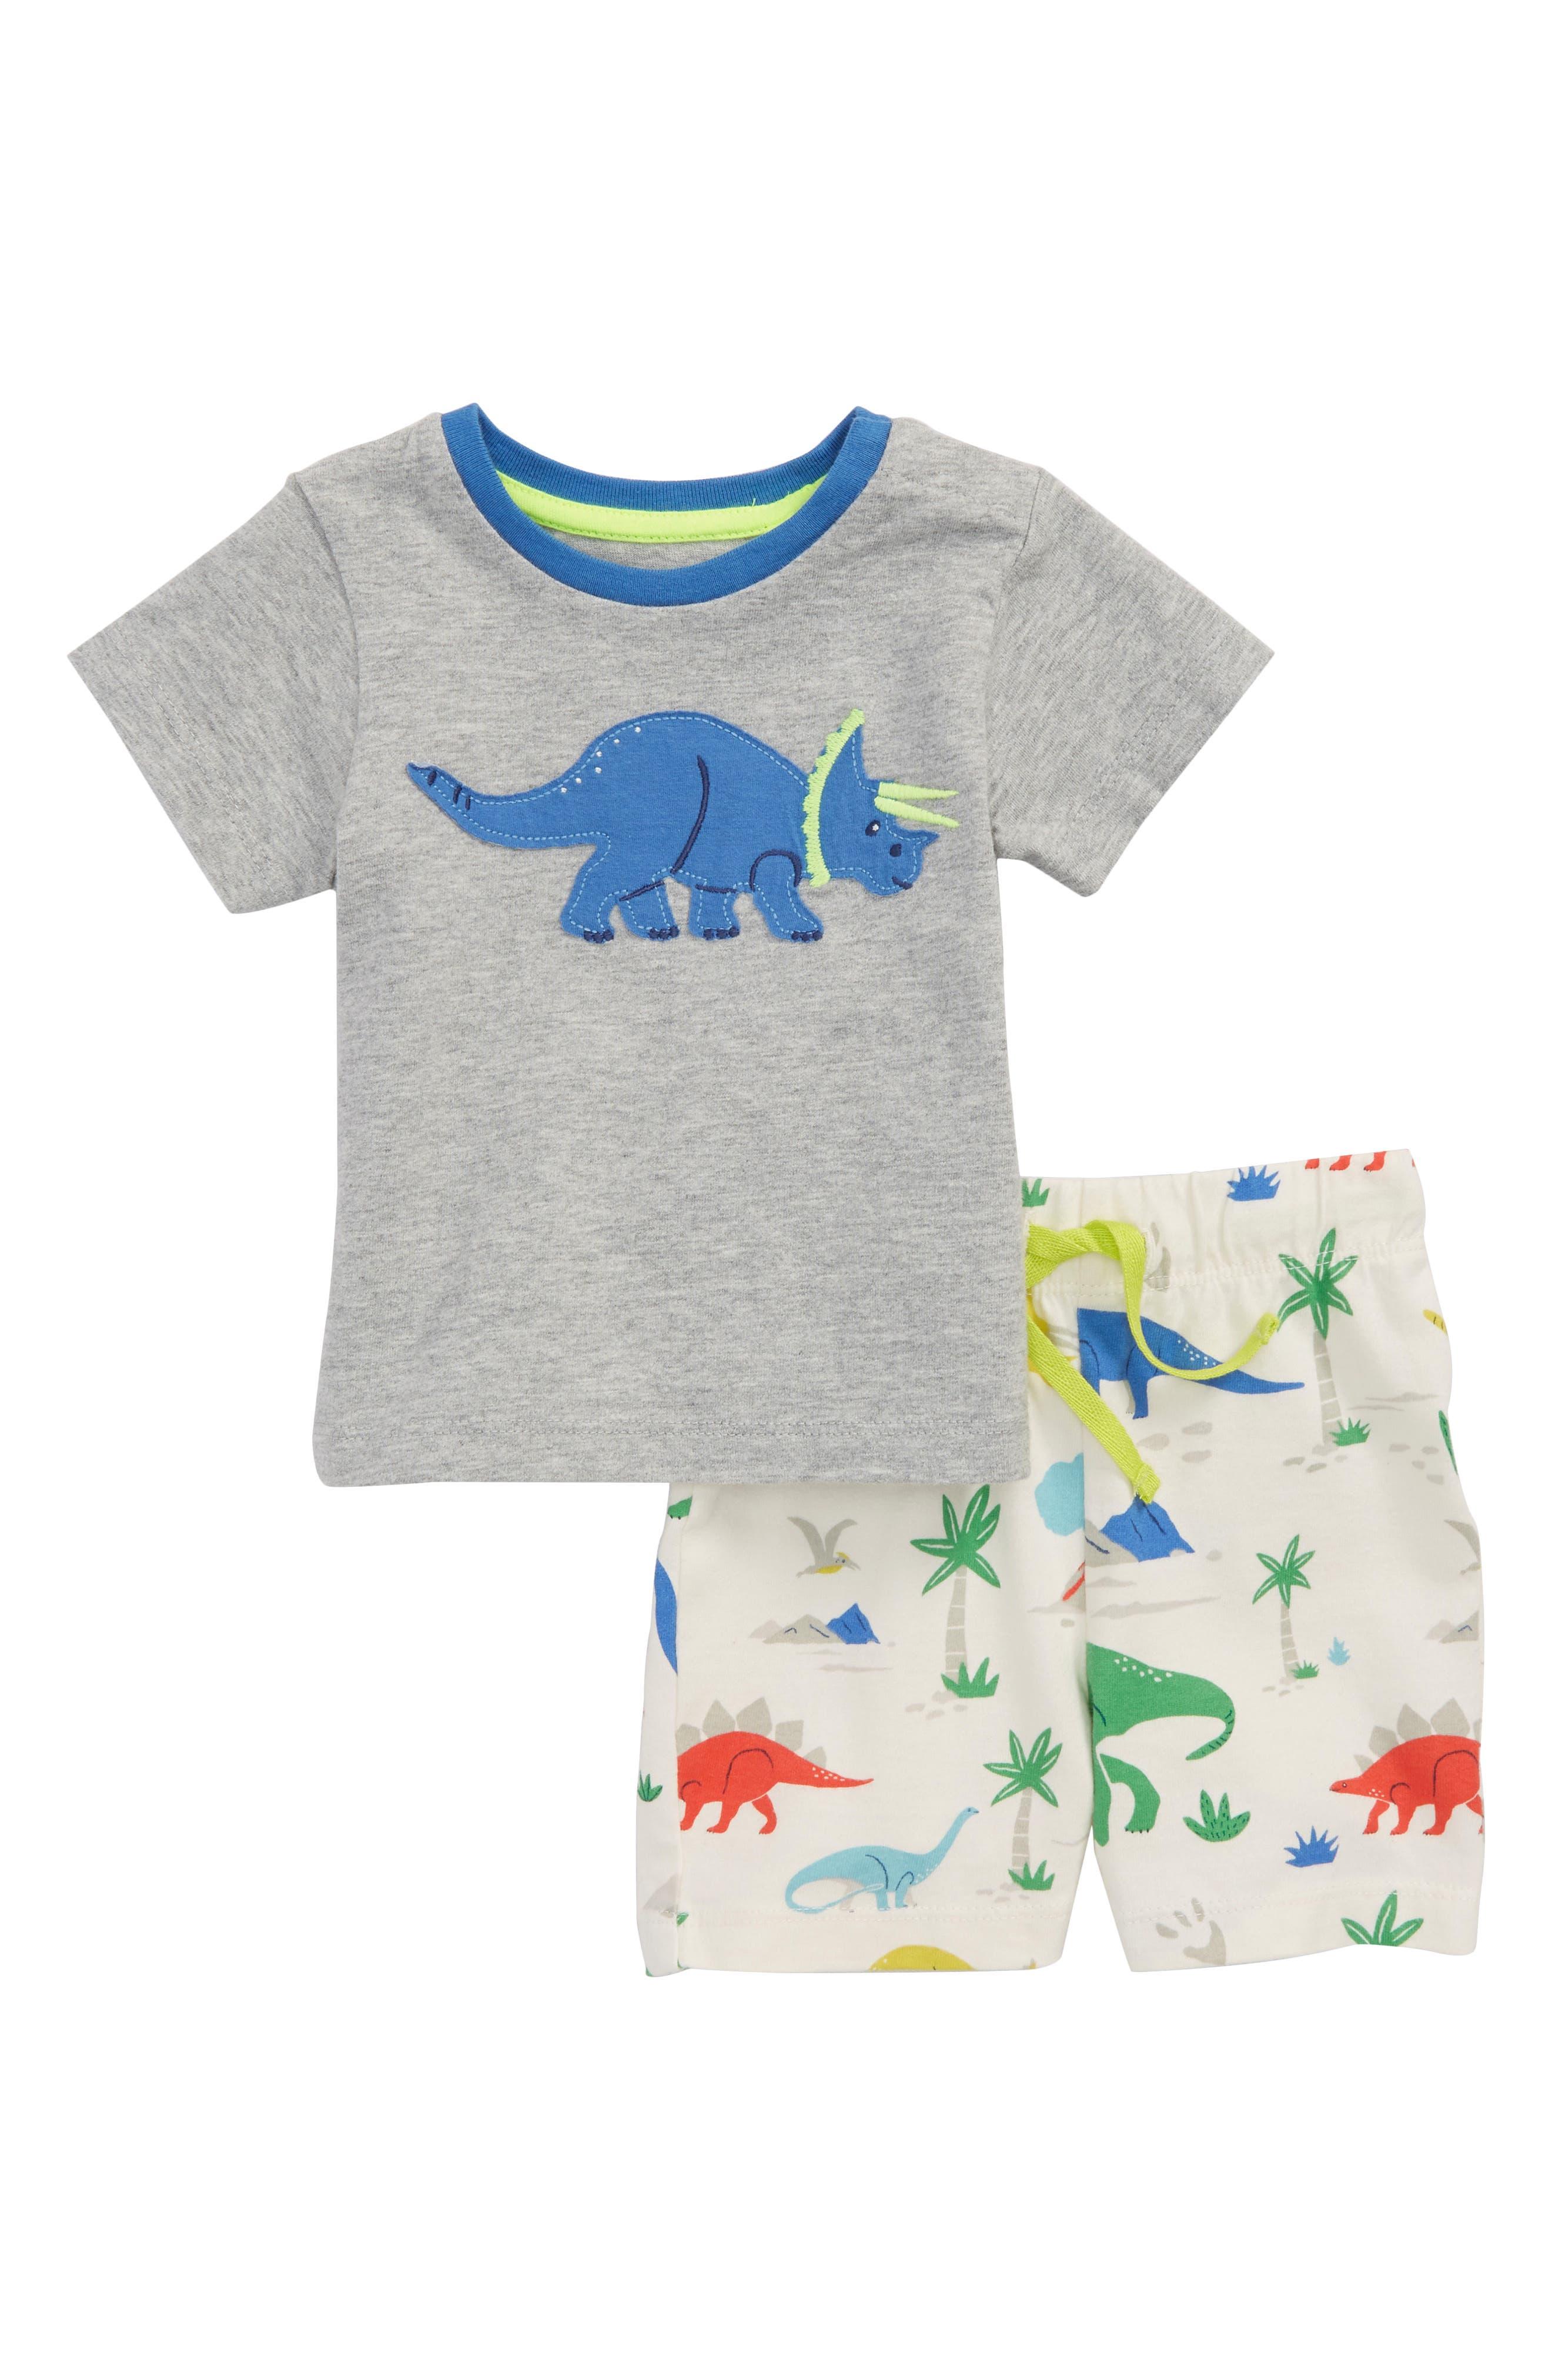 Dino Appliqué T-Shirt & Shorts Set,                             Main thumbnail 1, color,                             Grey Marl